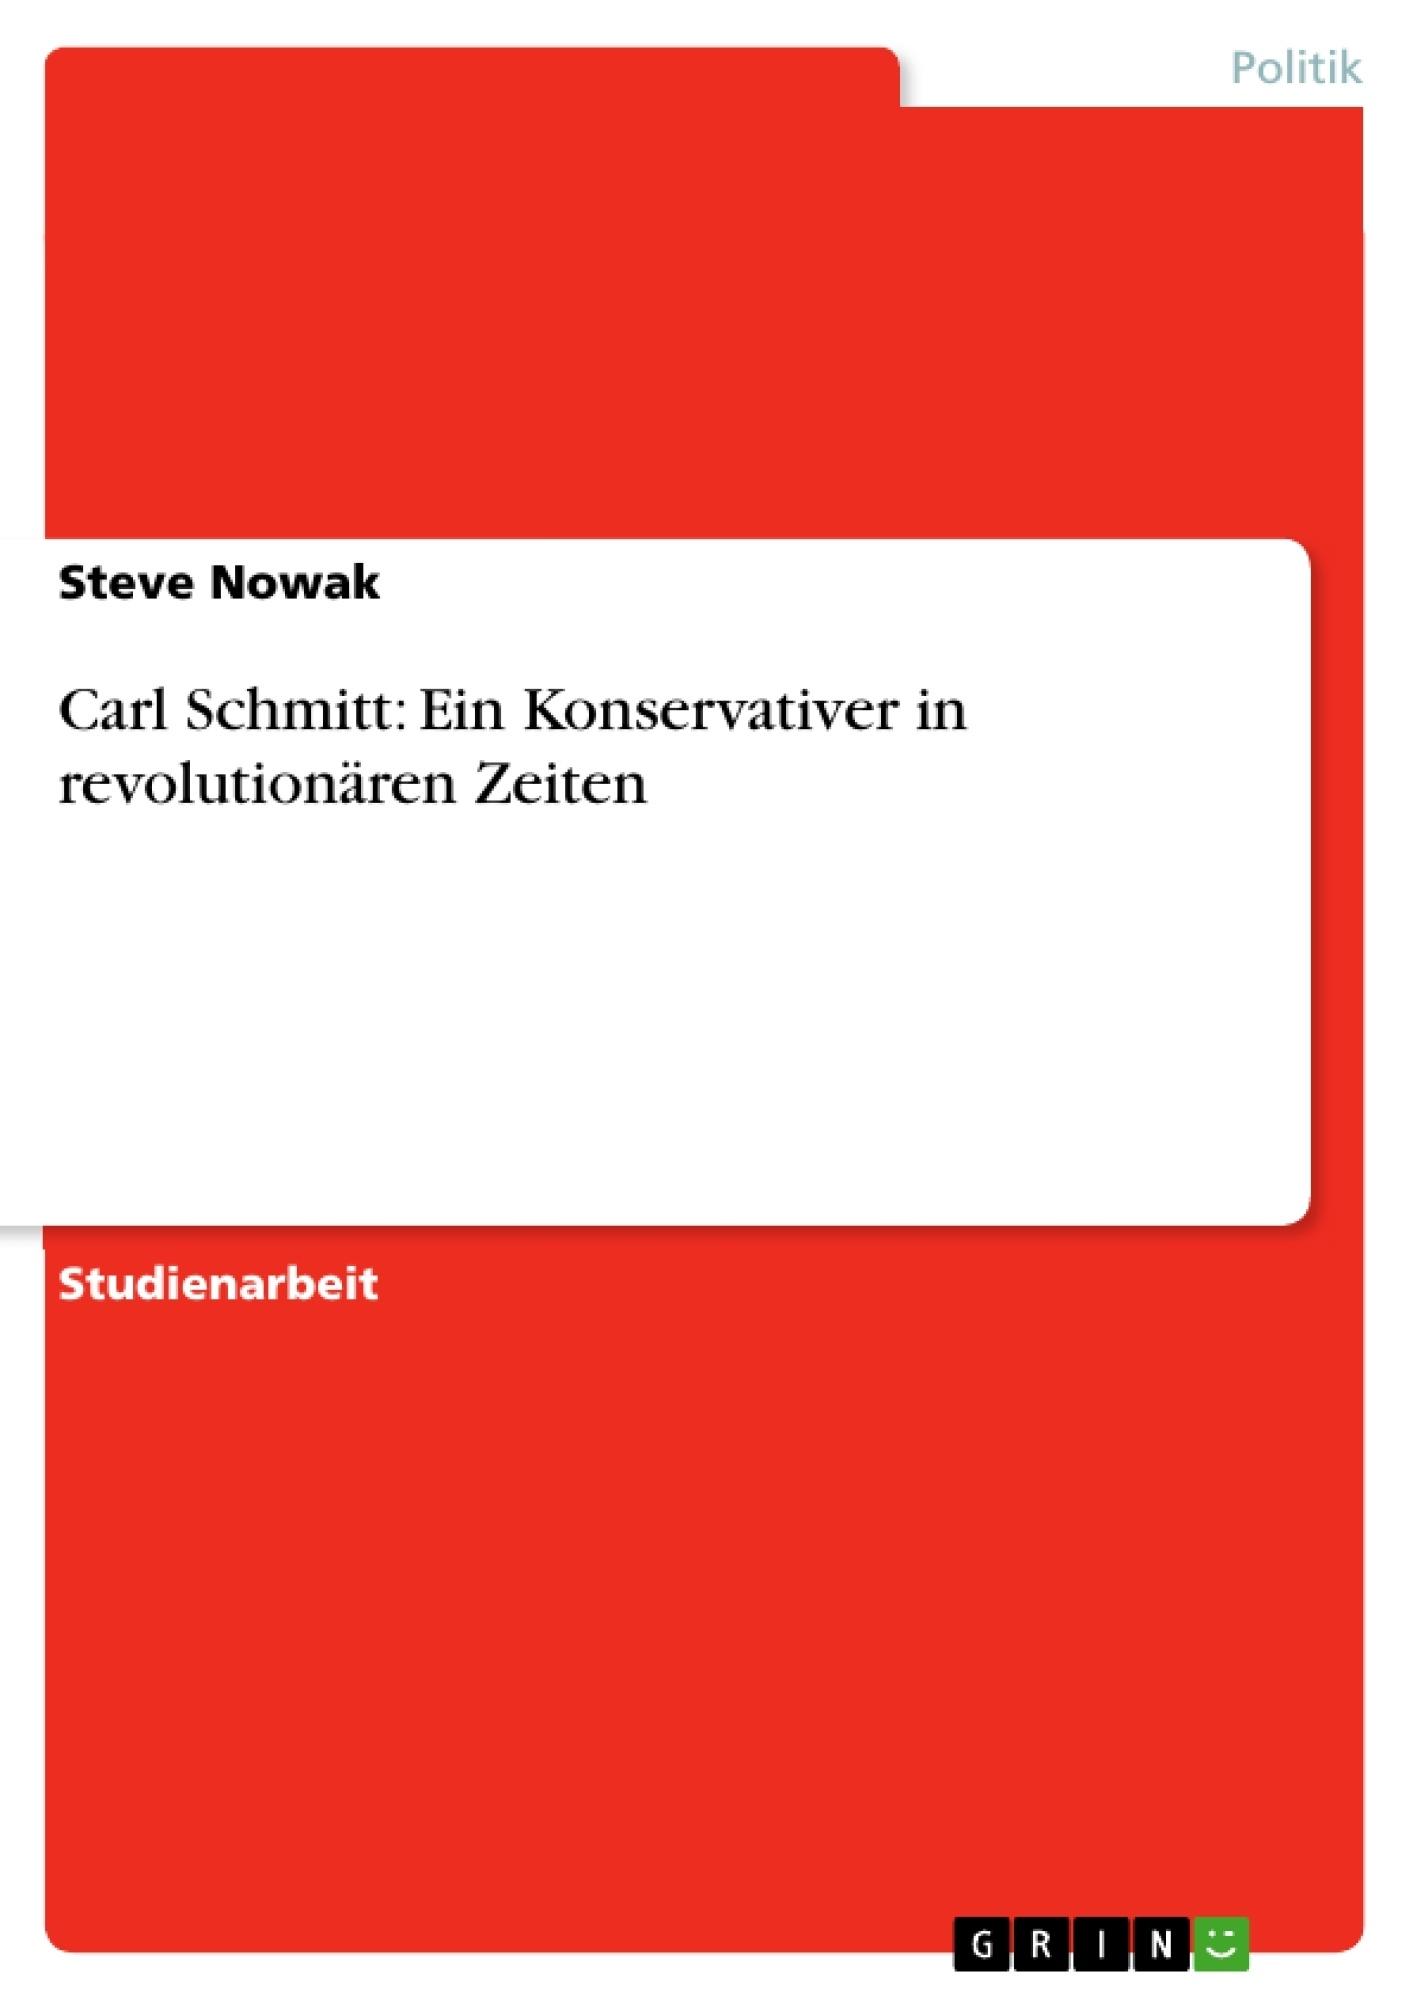 Titel: Carl Schmitt: Ein Konservativer in revolutionären Zeiten